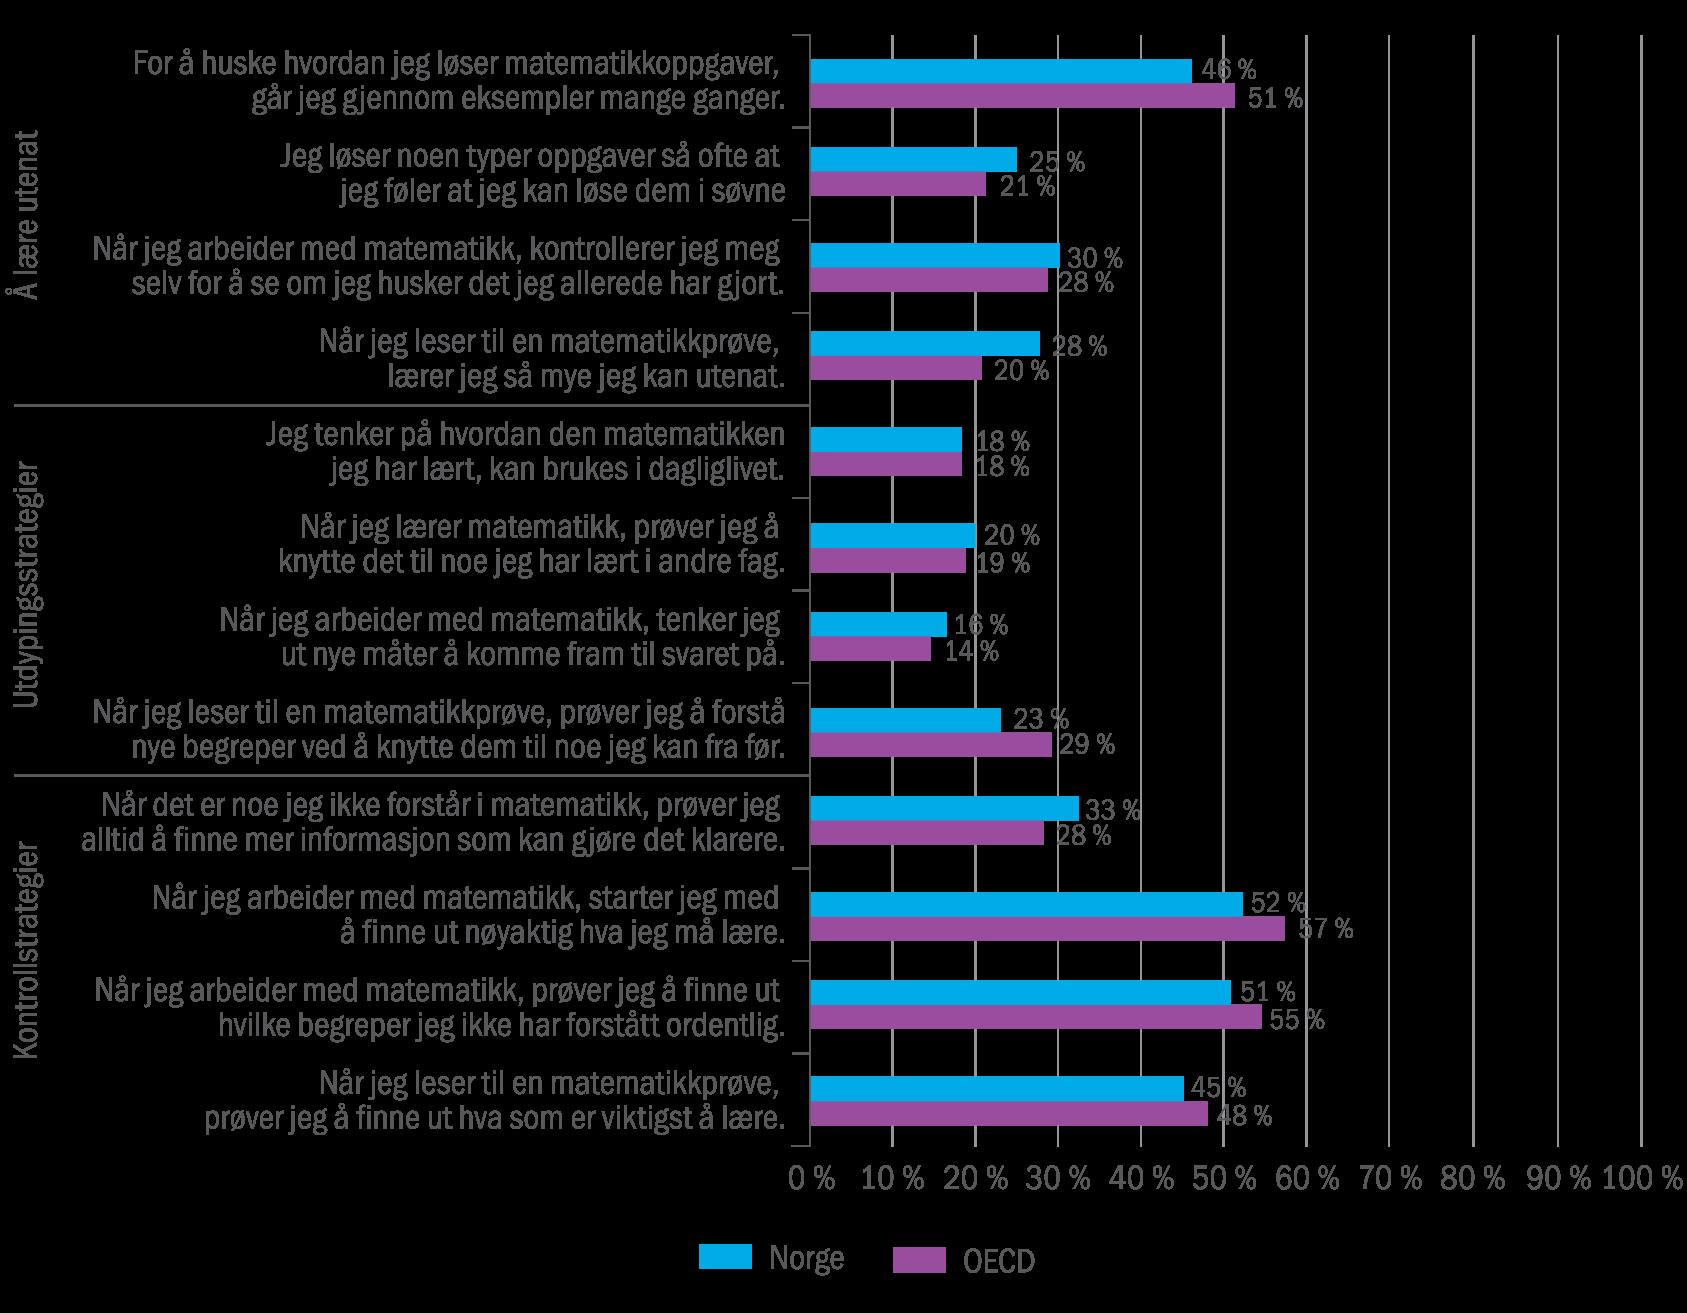 figur-8-1-elevenes-svar-pa-hvilke-strategi-de-foretrekker-i-valget-mellom-a-laere-utenat-utdypingsstrategi-eller-kontrollstrategi-2012-prosent